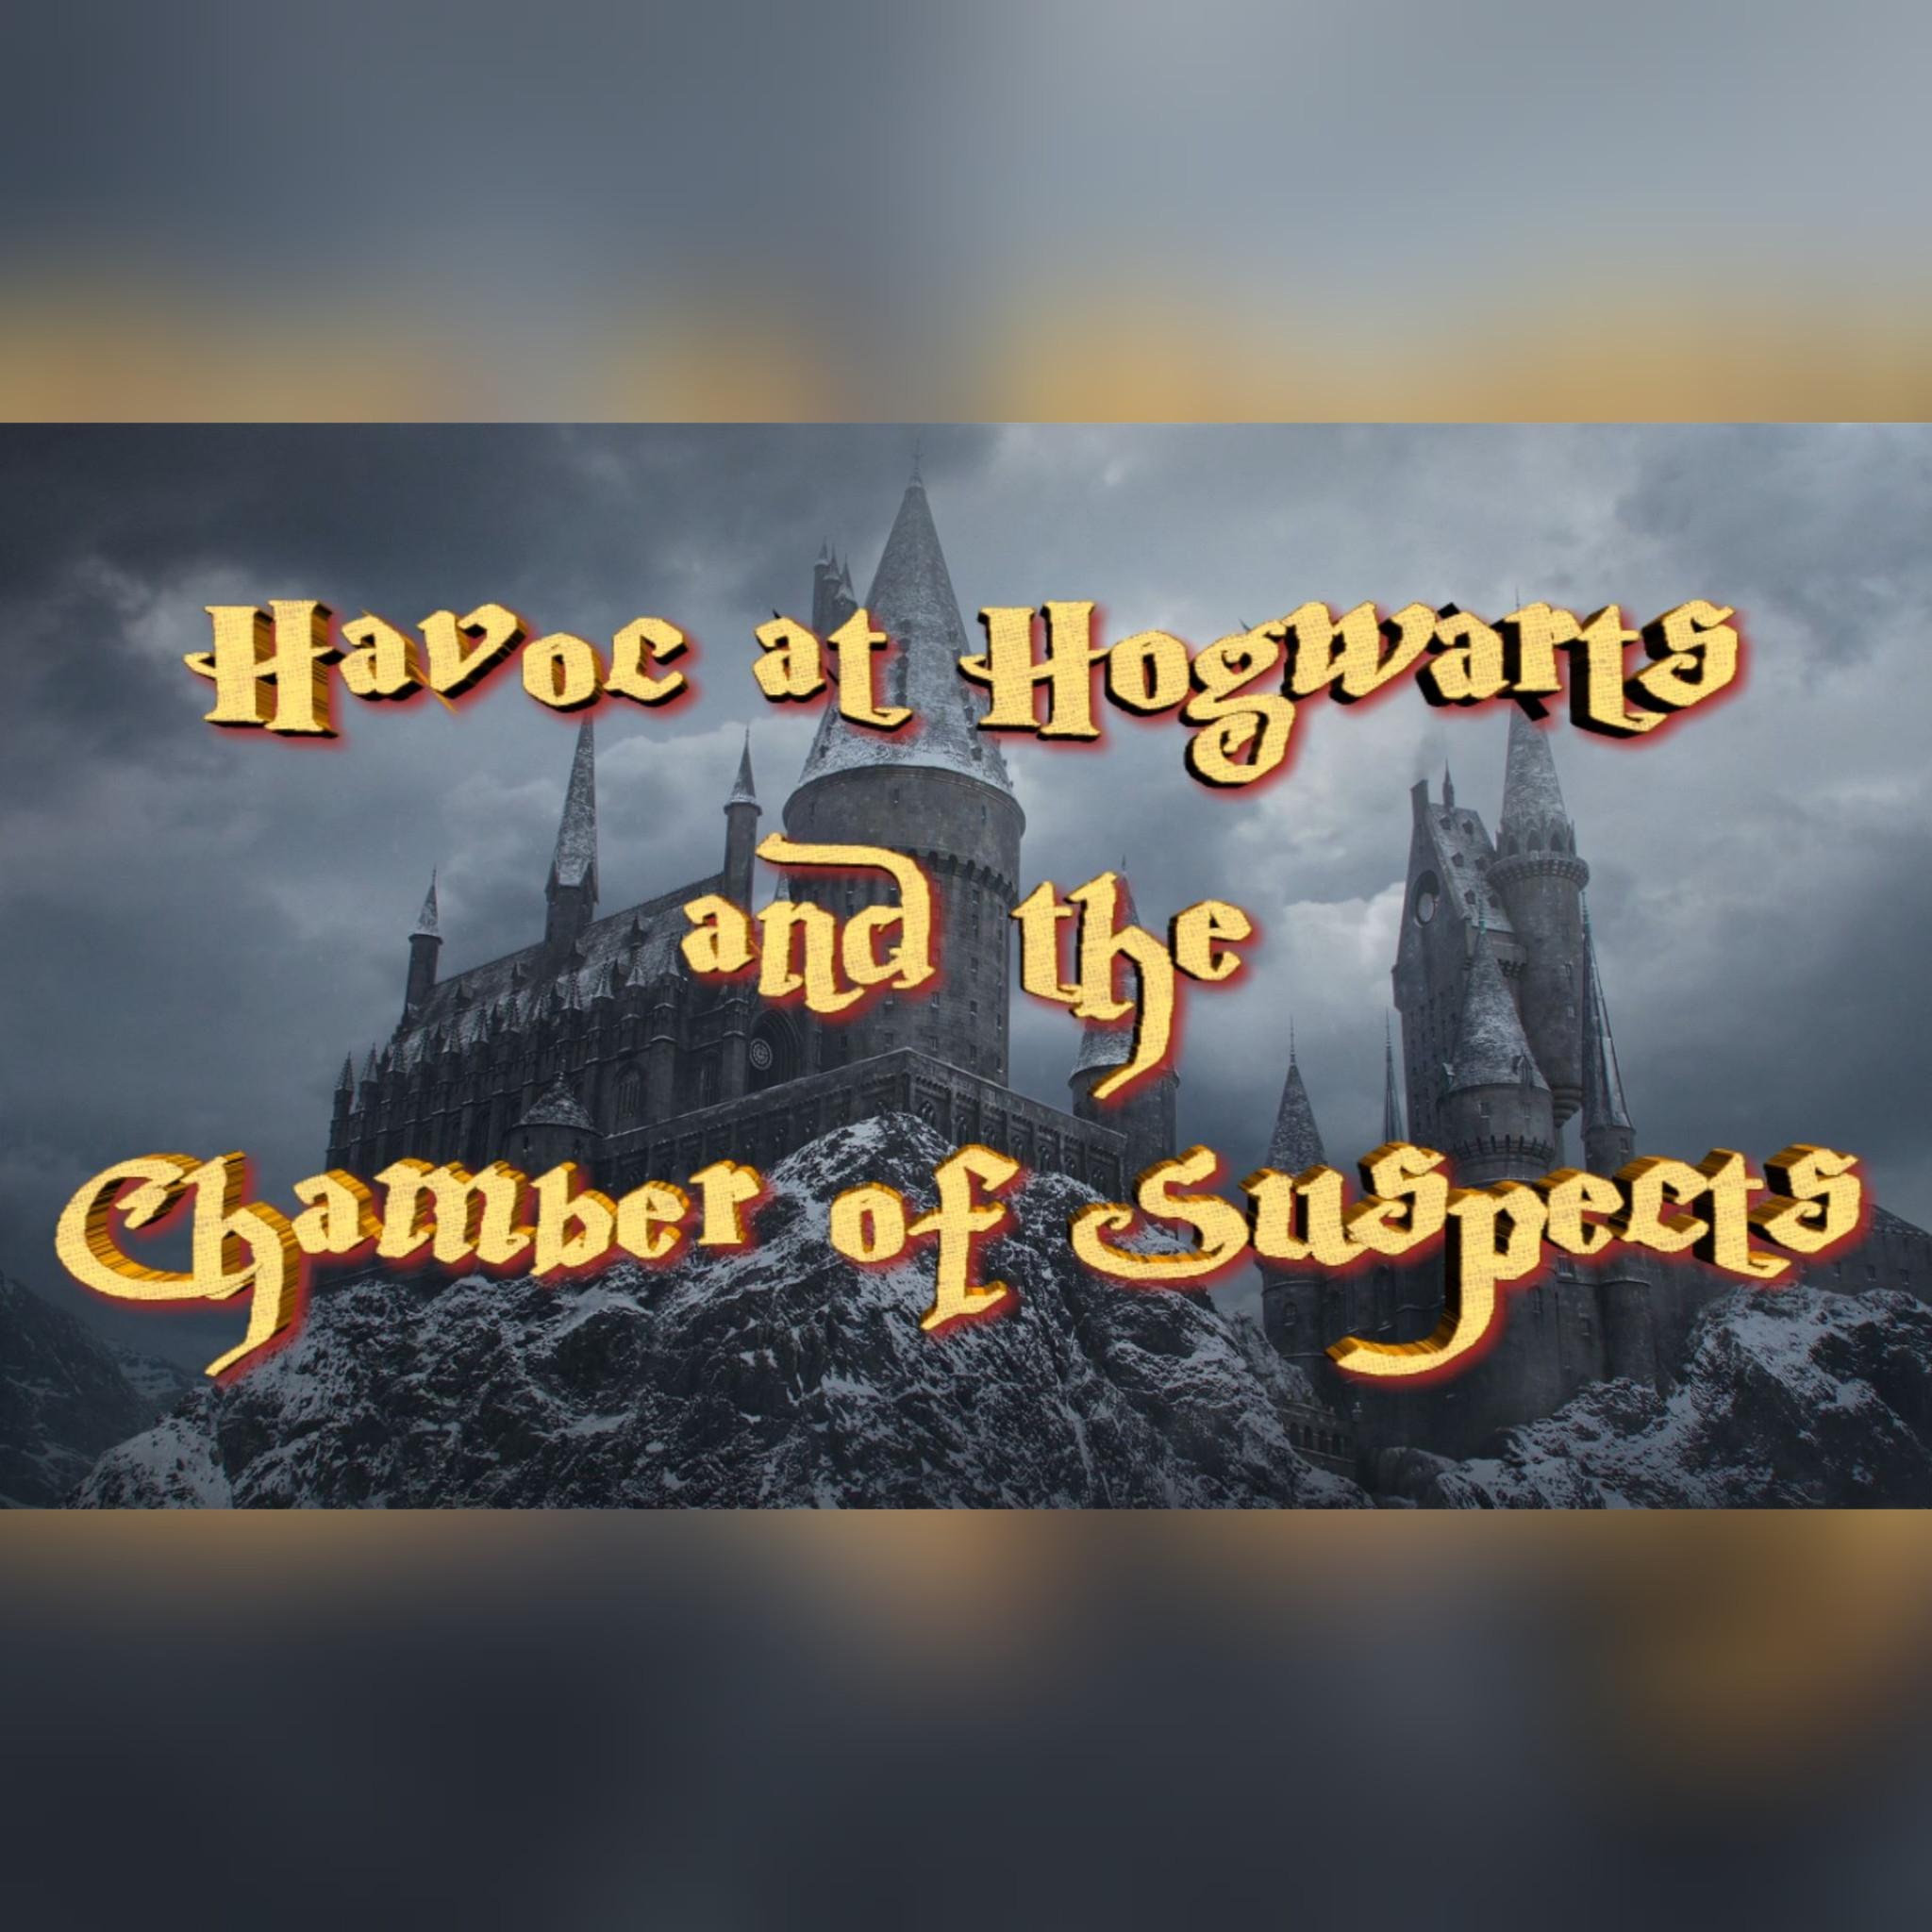 Havoc At Hogwarts